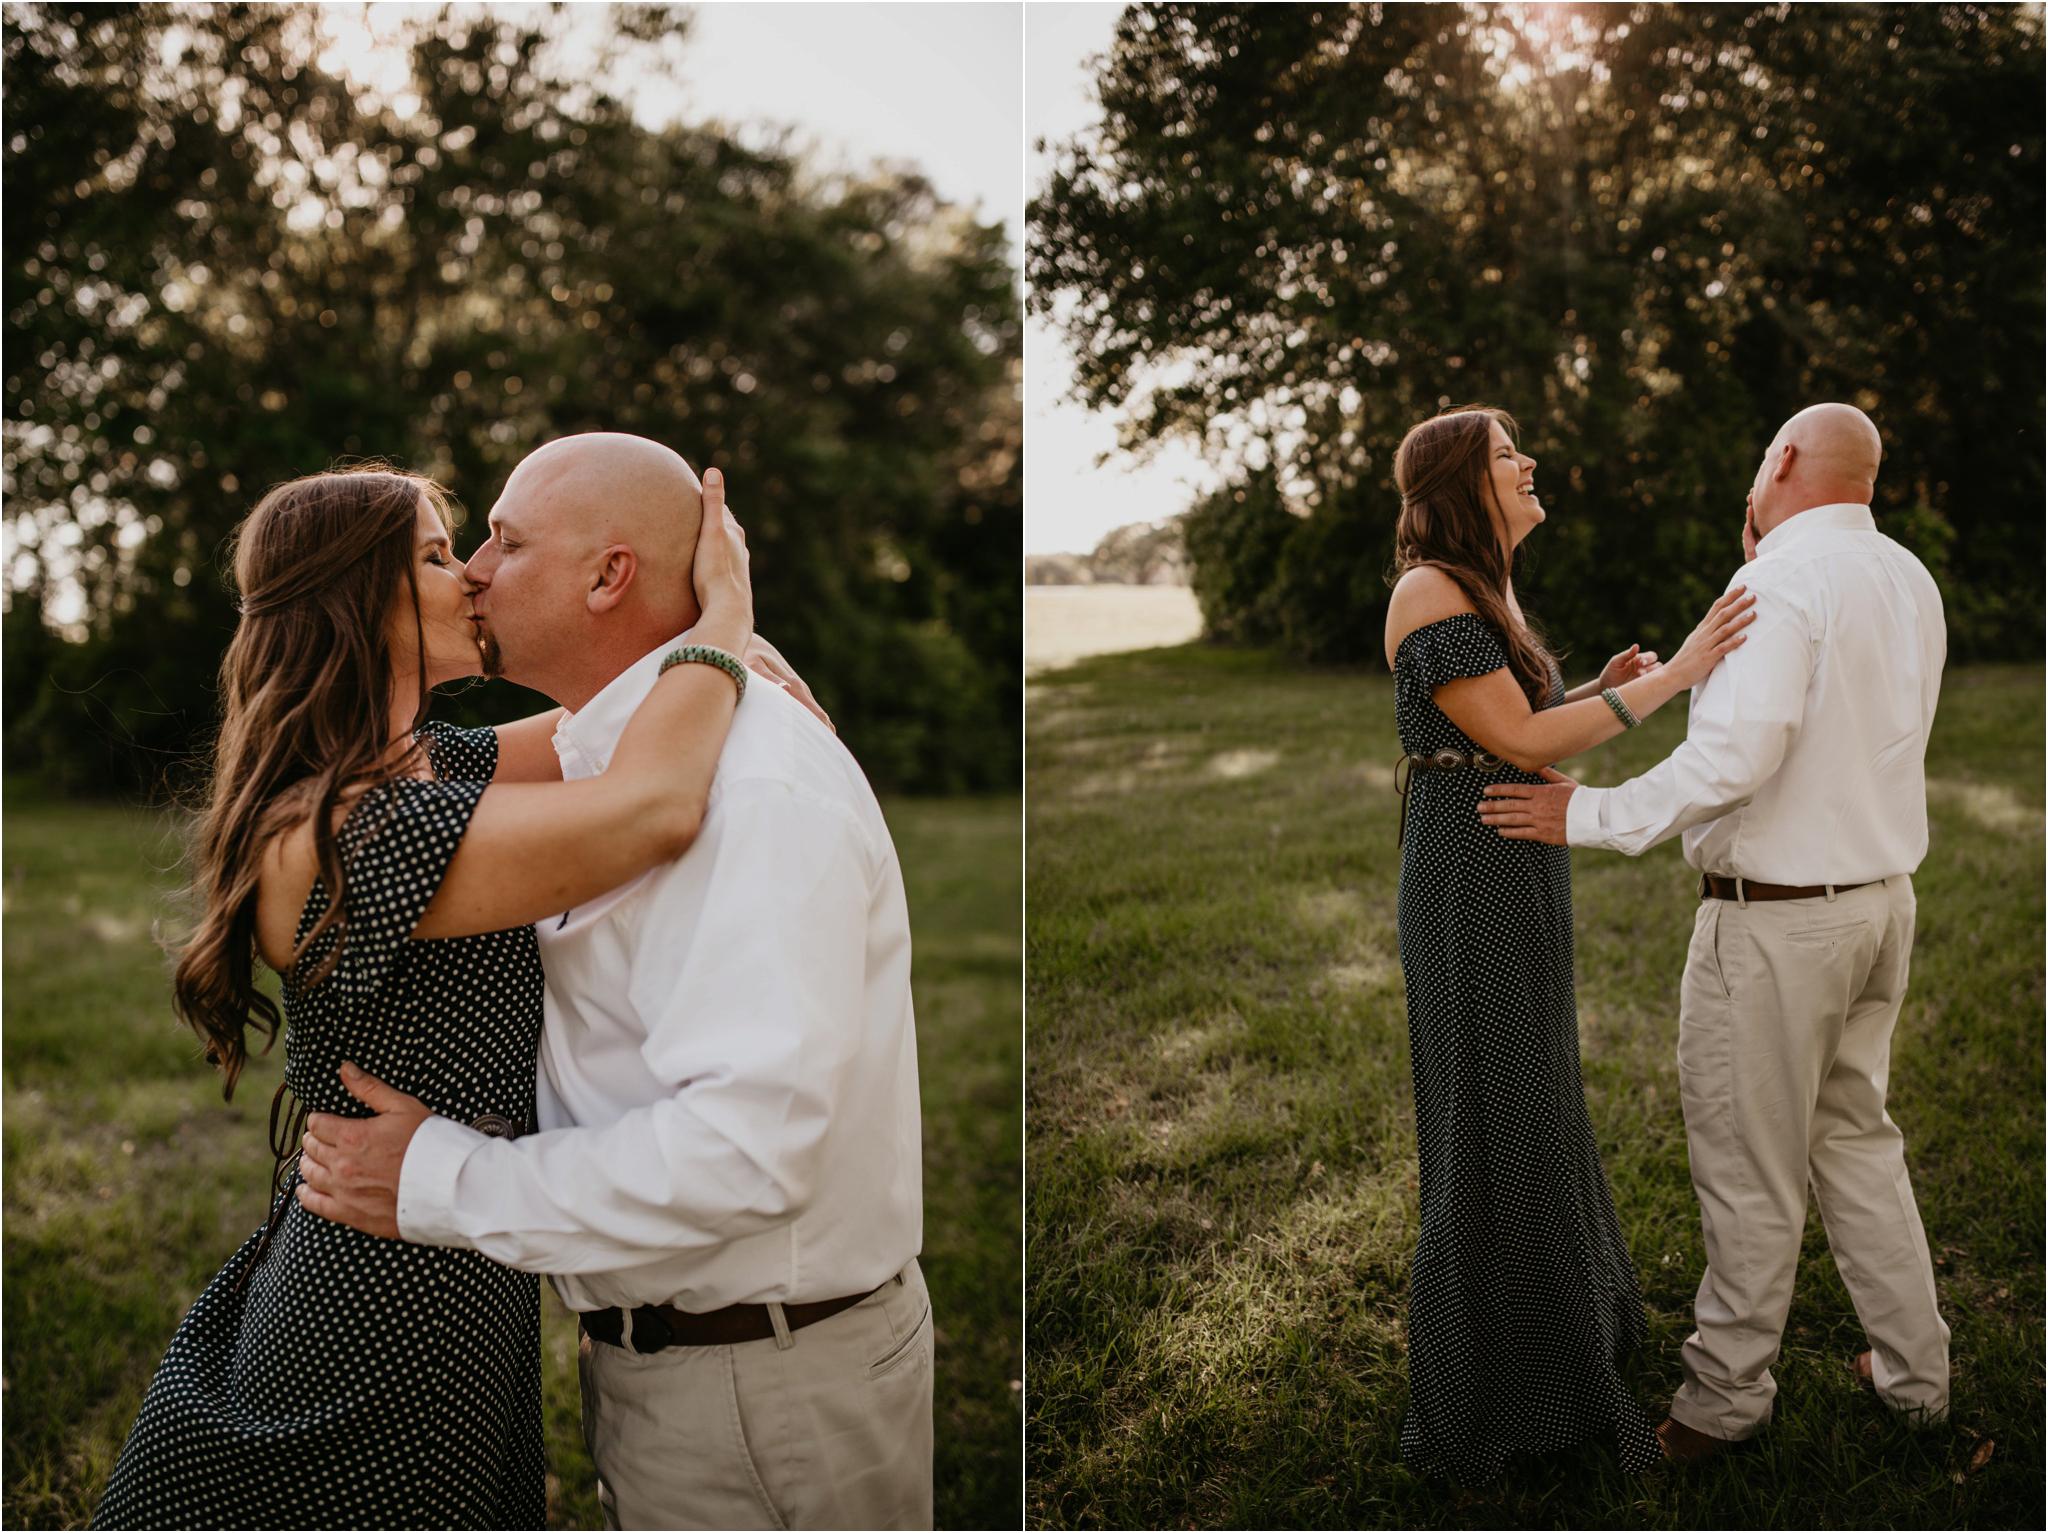 katie-and-eric-houston-oaks-engagement-session-houston-wedding-photographer-003.jpg